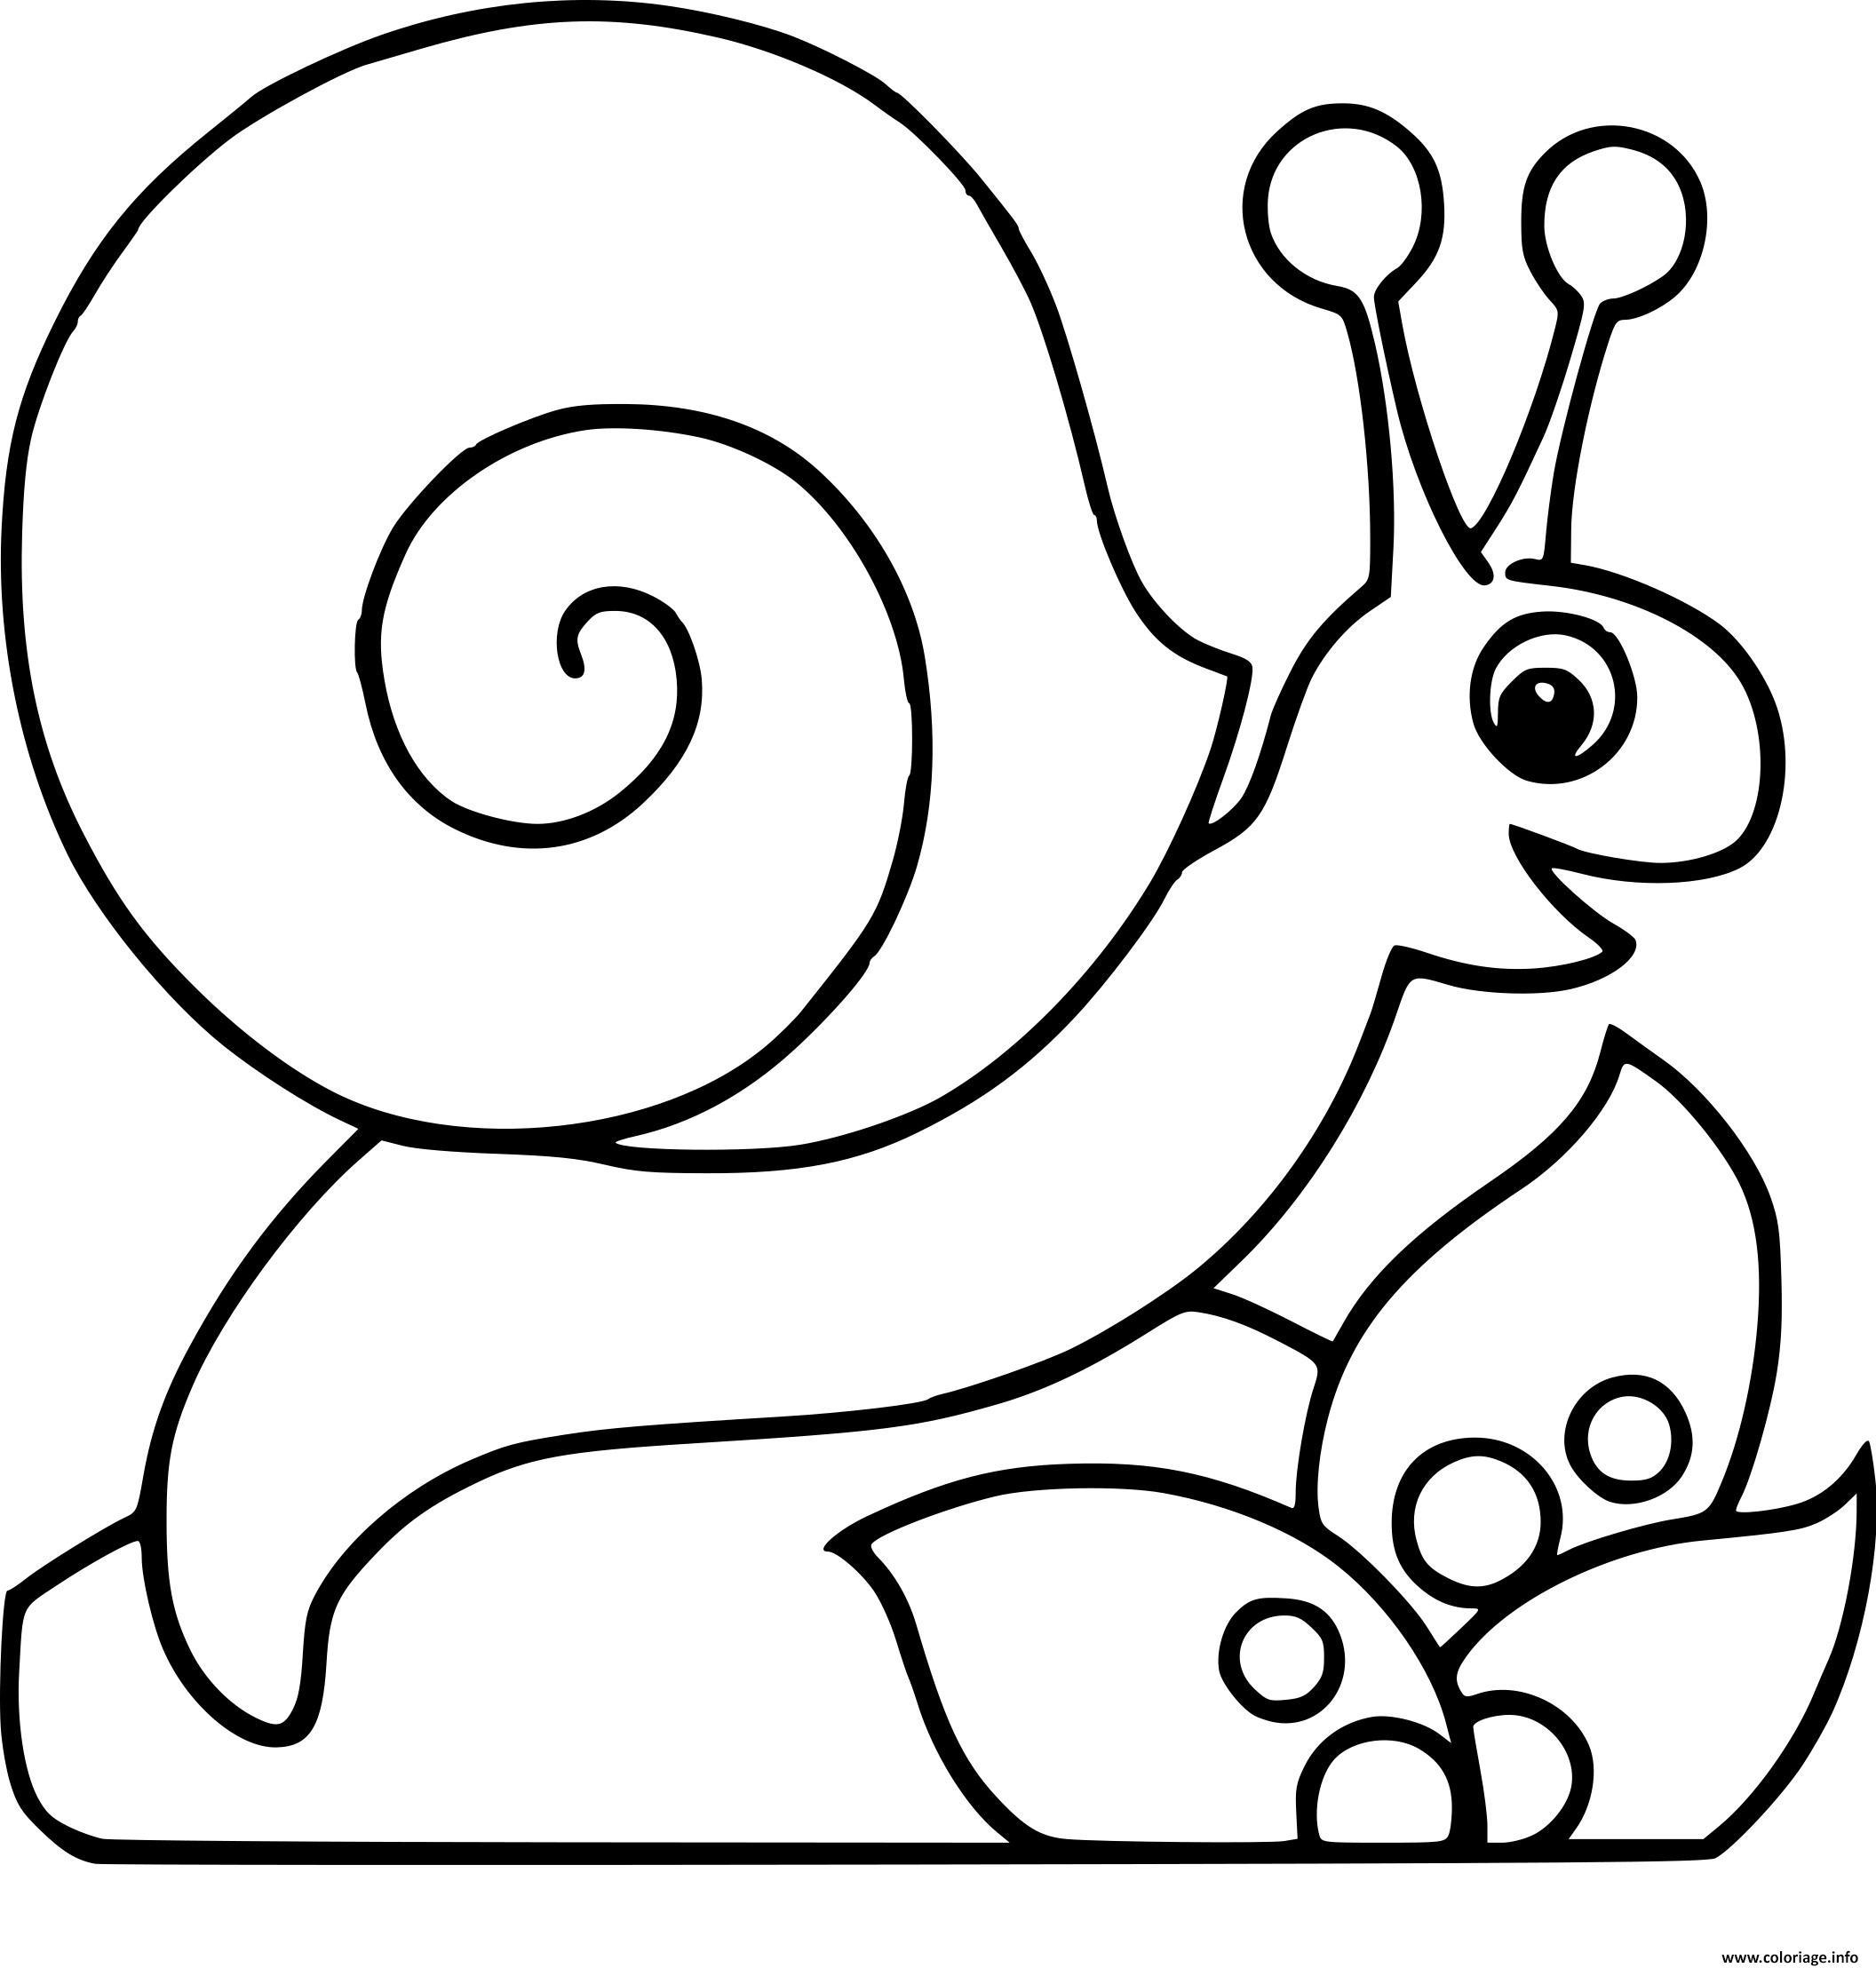 Coloriage Escargot Et Fleur Dessin Jecolorie Com